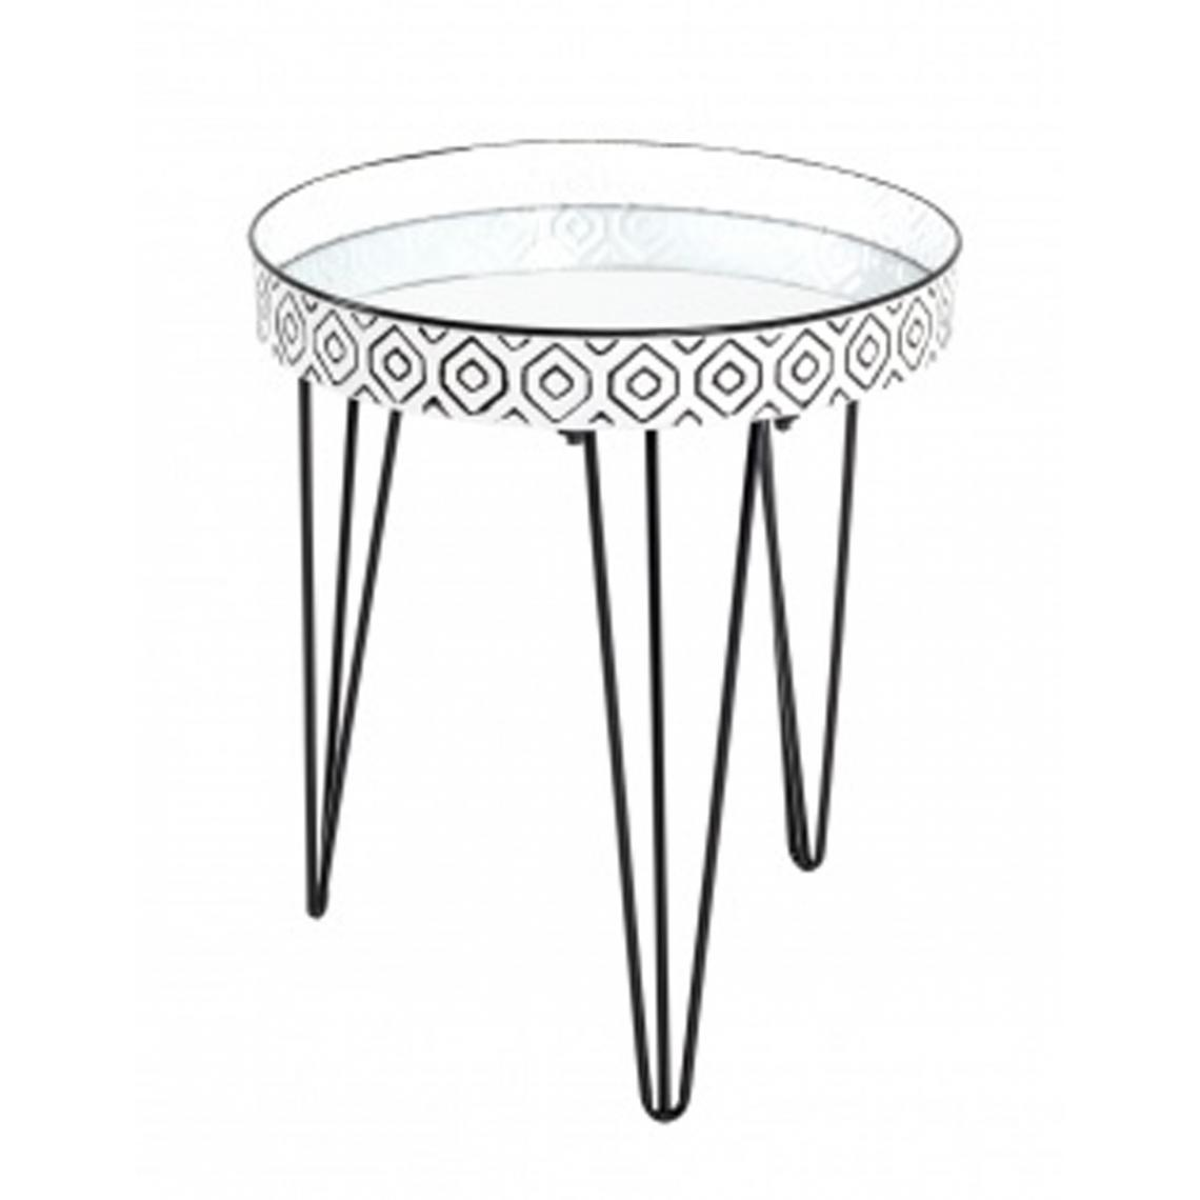 Pegane Table d'appoint coloris noir-blanc en métal - H 53 x Ø 45 cm